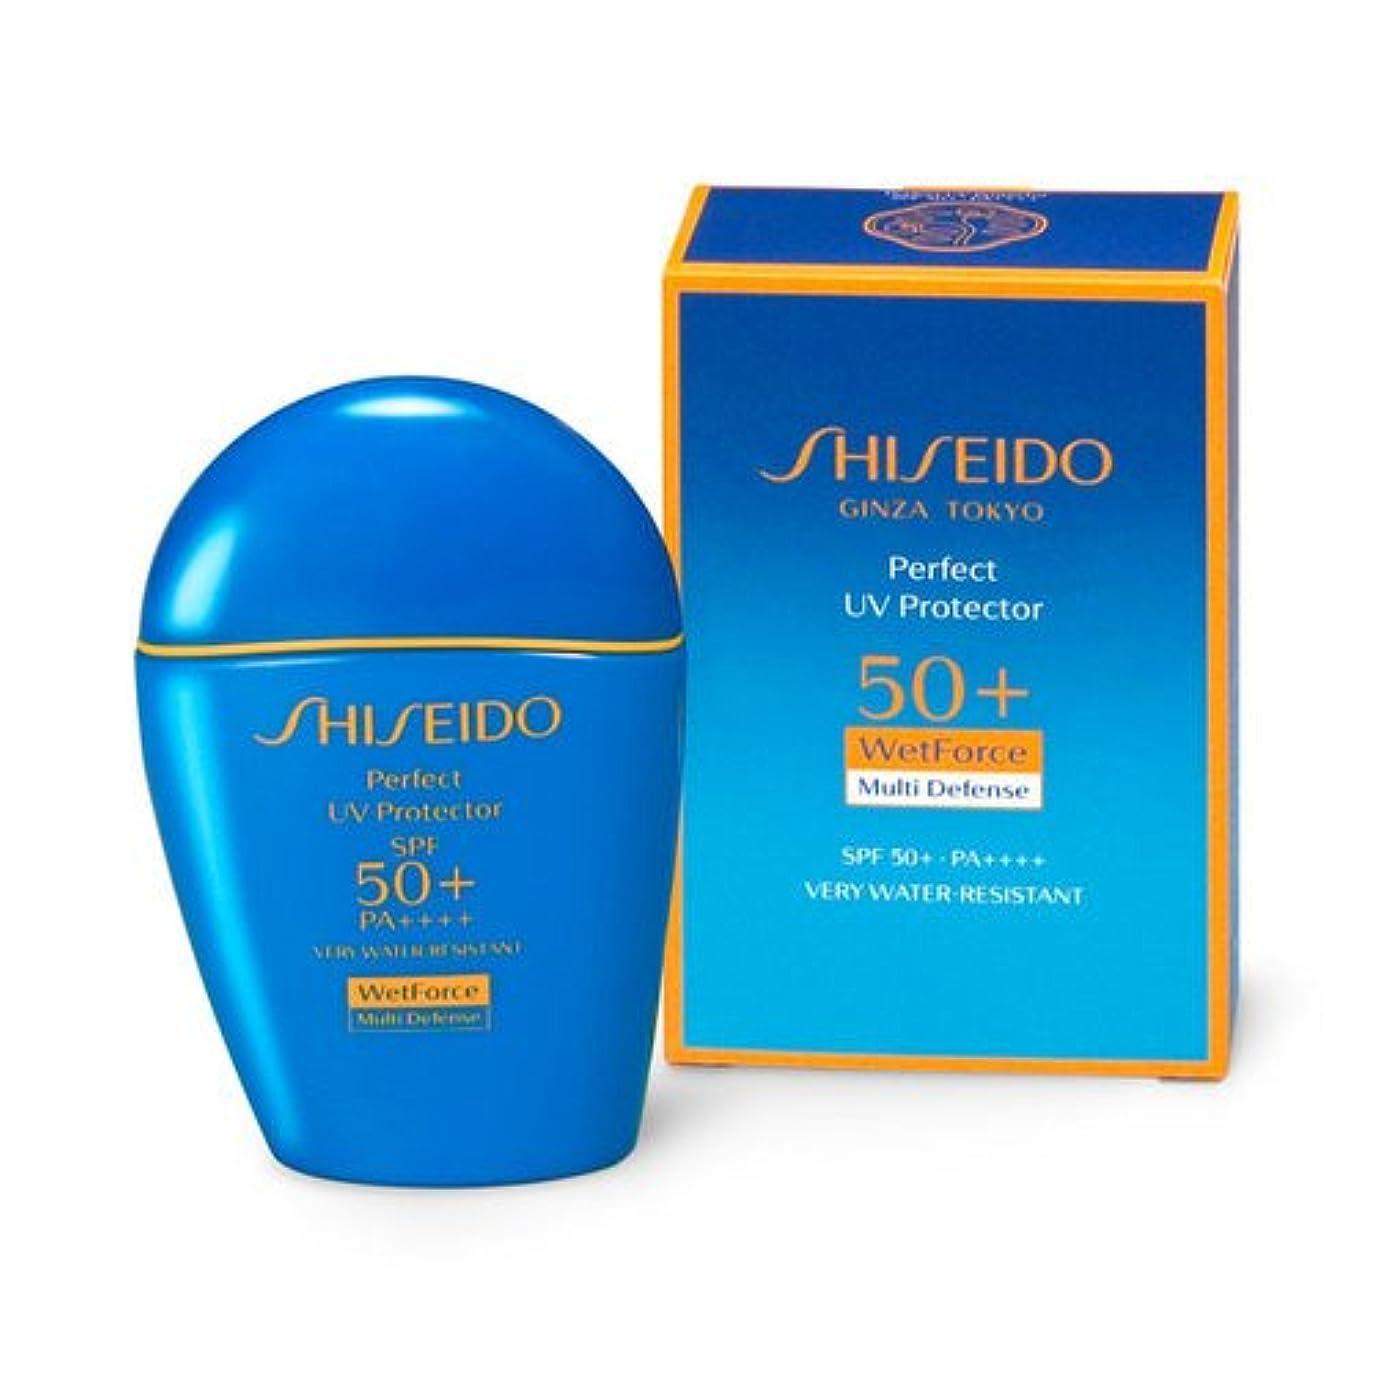 動脈なぜなら太平洋諸島SHISEIDO Suncare(資生堂 サンケア) SHISEIDO(資生堂) パーフェクト UVプロテクター 50mL